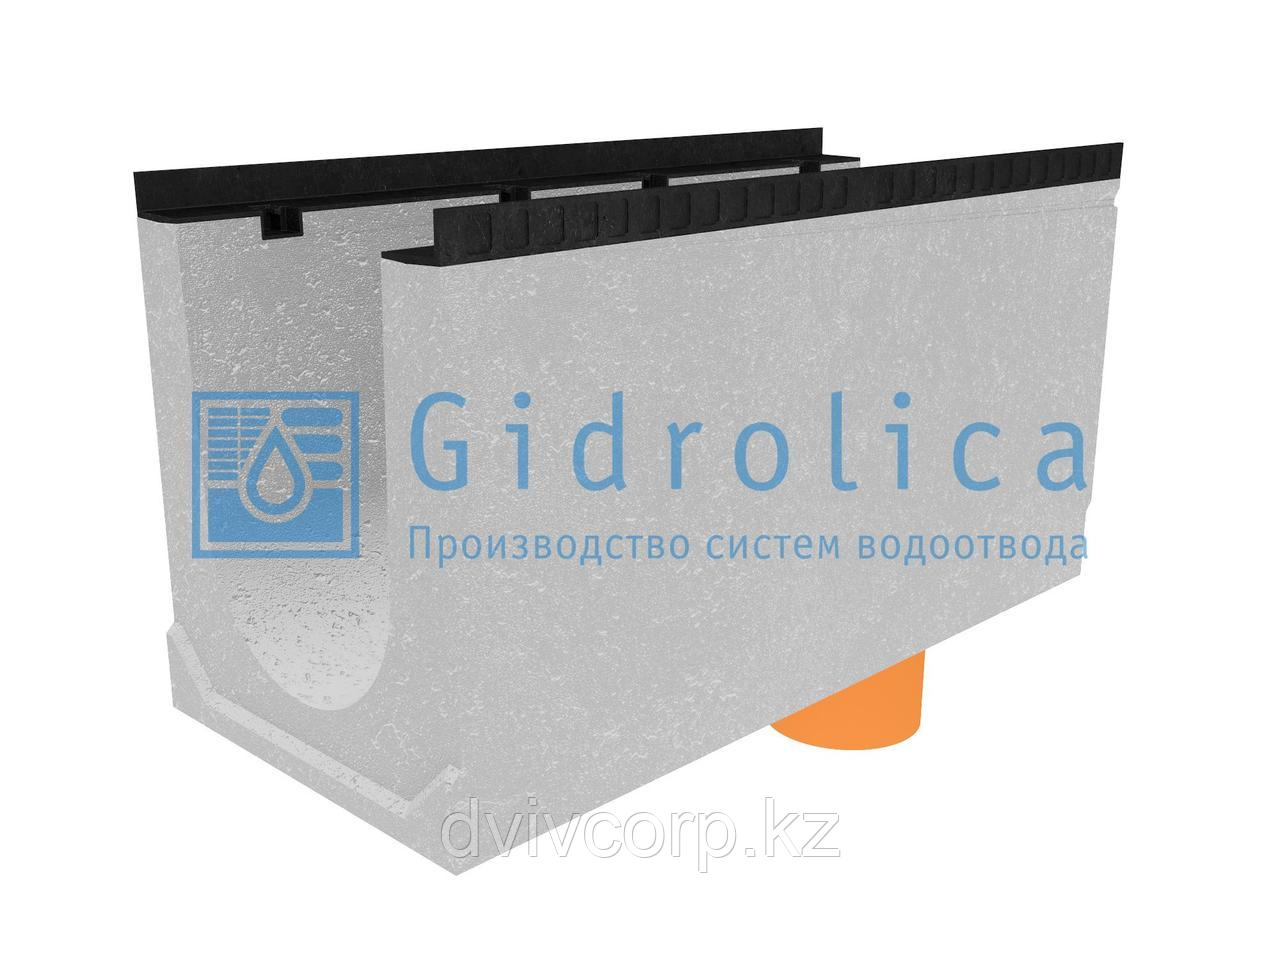 Лоток водоотводный бетонный коробчатый (СО-300мм), с водосливом КUв 100.44(30).52,5(45,5) - BGМ, № 15-0